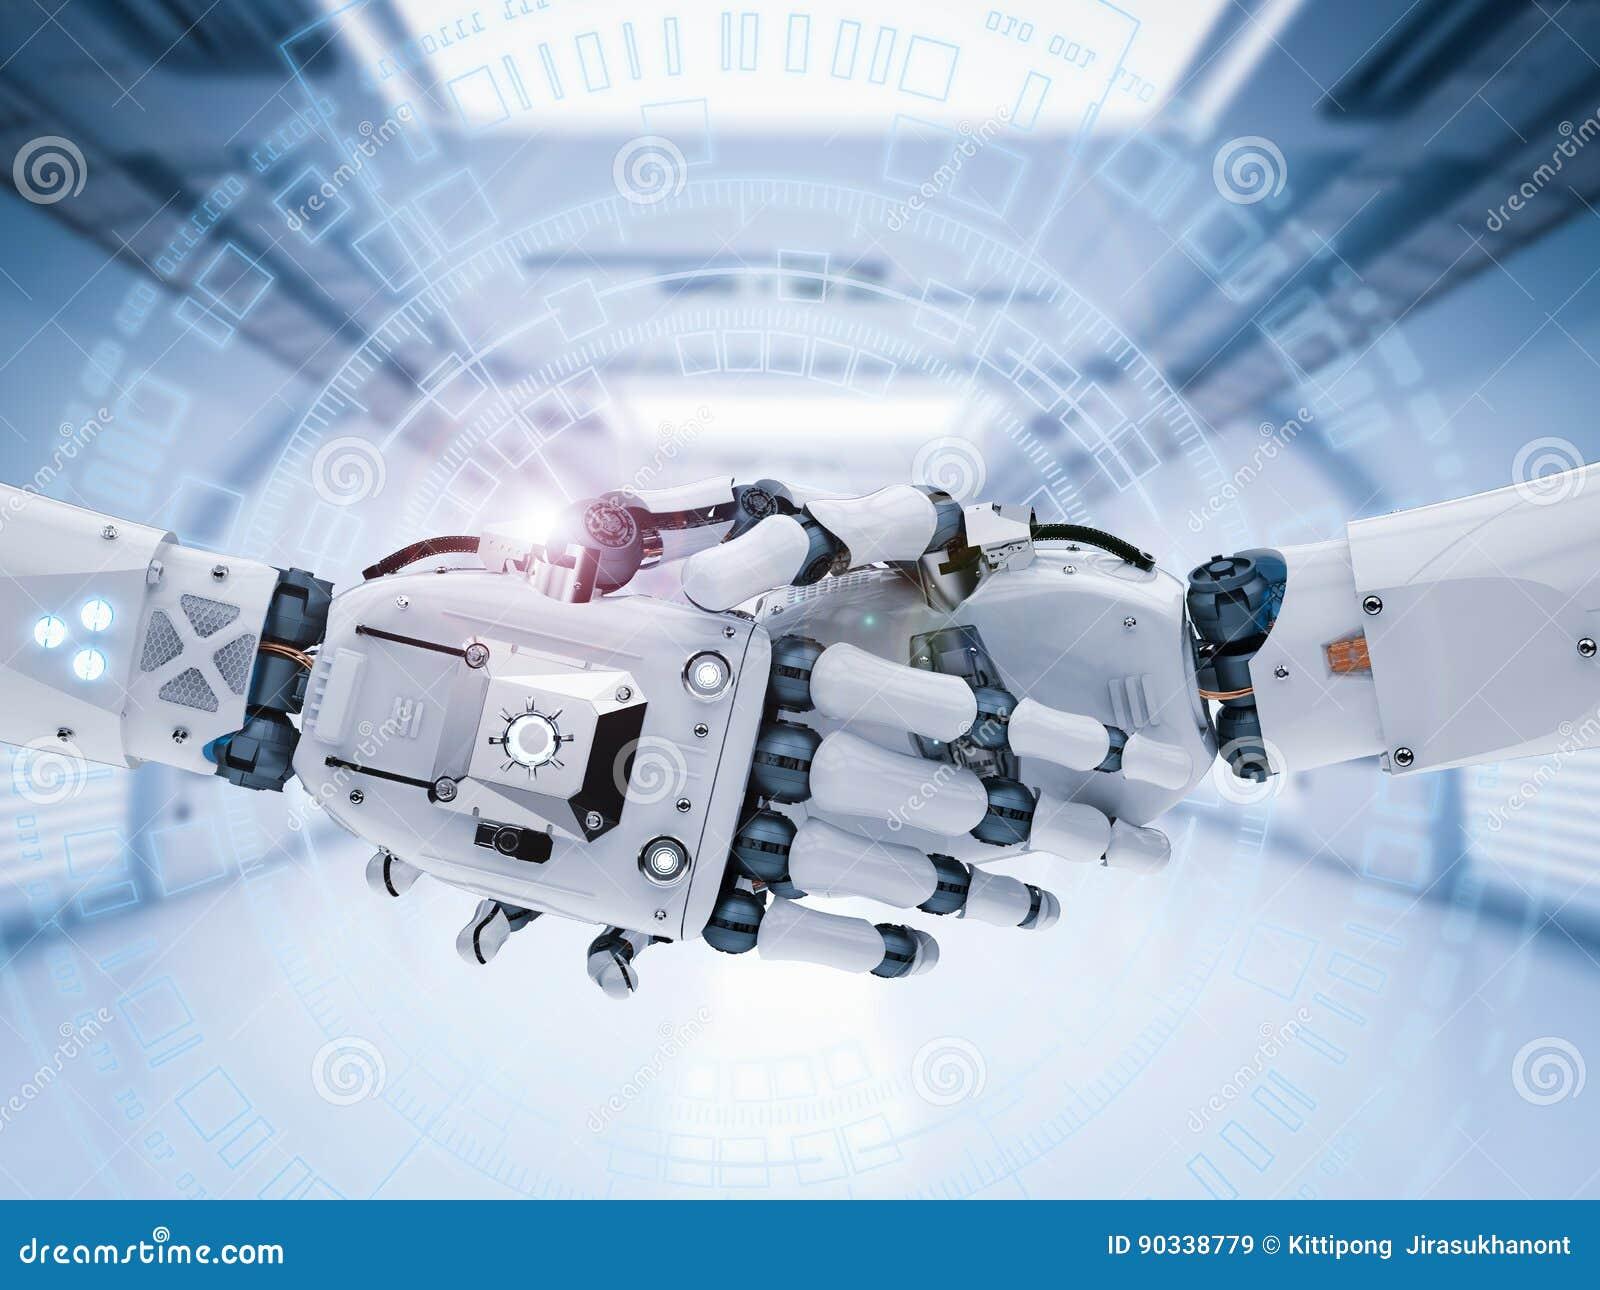 机器人手或靠机械装置维持生命的人手震动